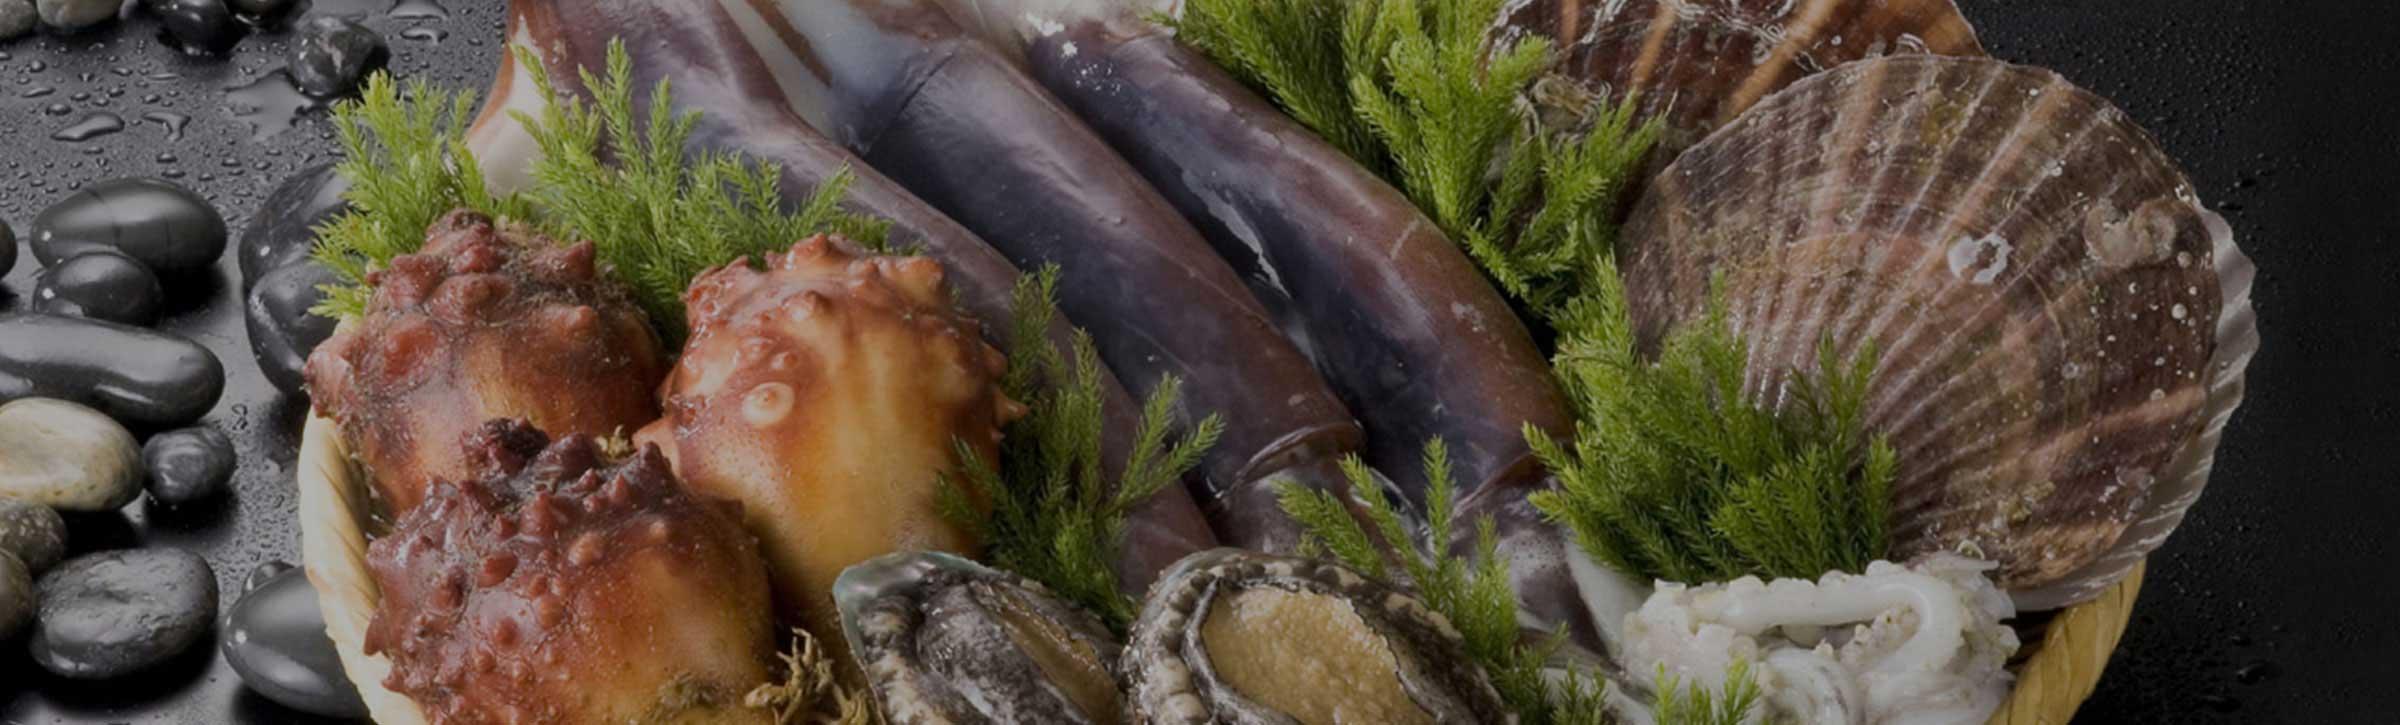 世界有数の漁場の一つとされ豊富な海の幸 岩手県